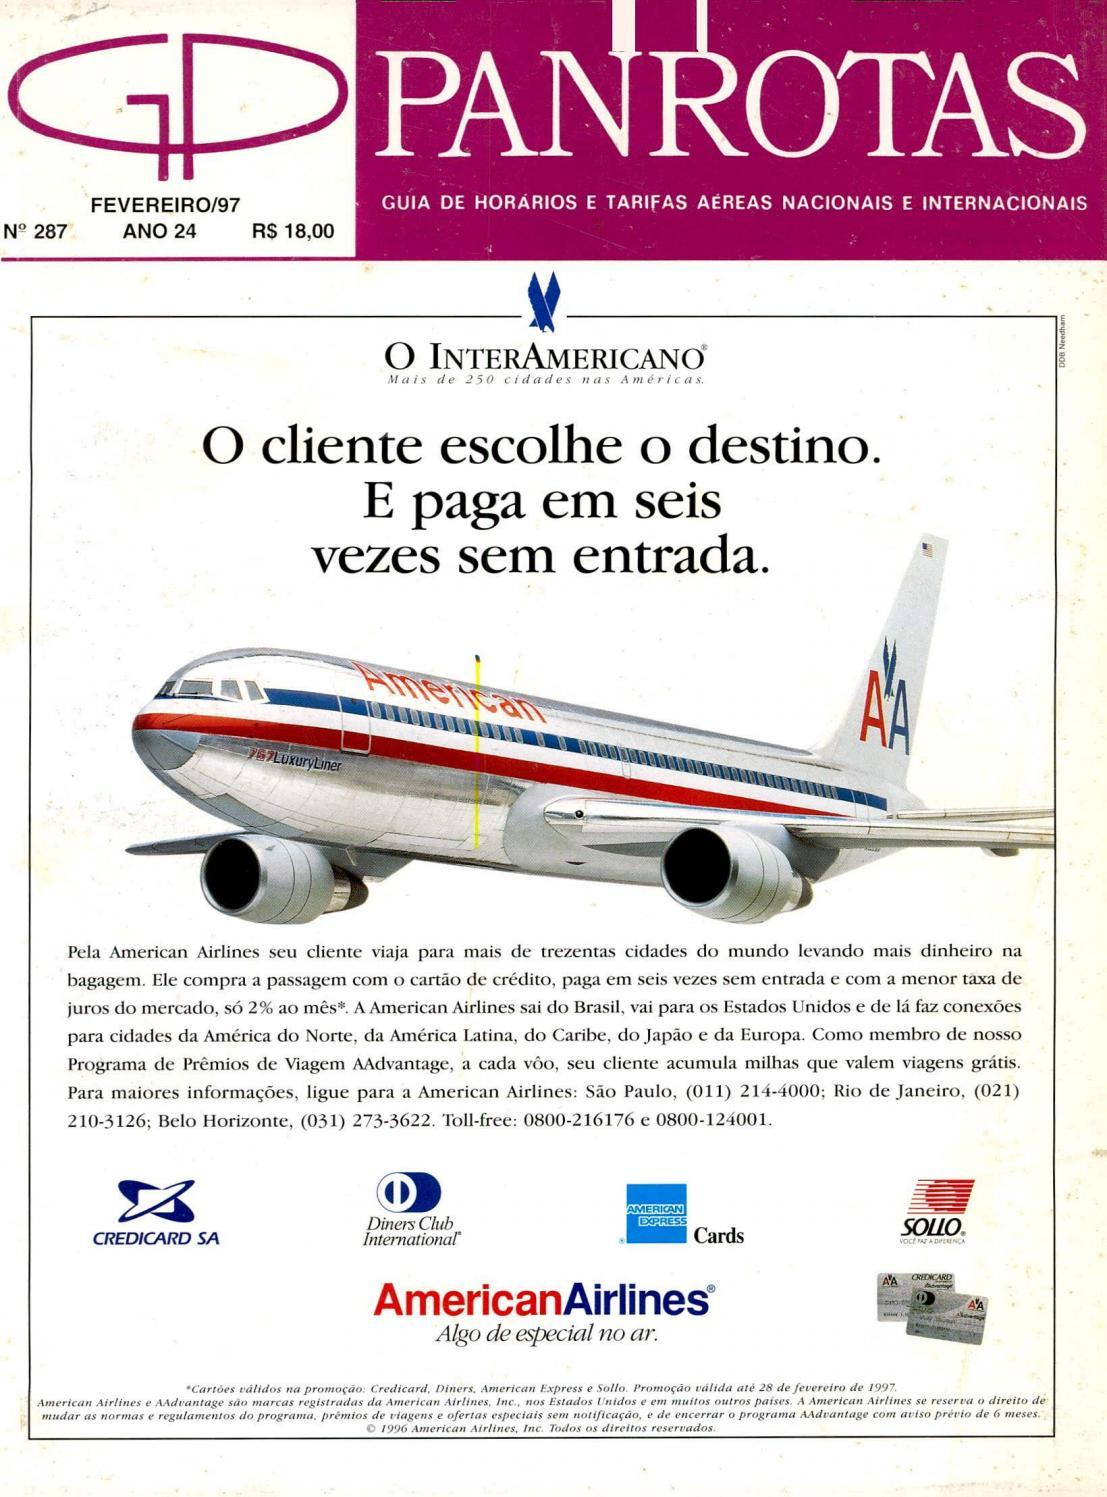 6c48ed2dc30c7 Guia PANROTAS - Edição 287 - Fevereiro 1997 by PANROTAS Editora - issuu